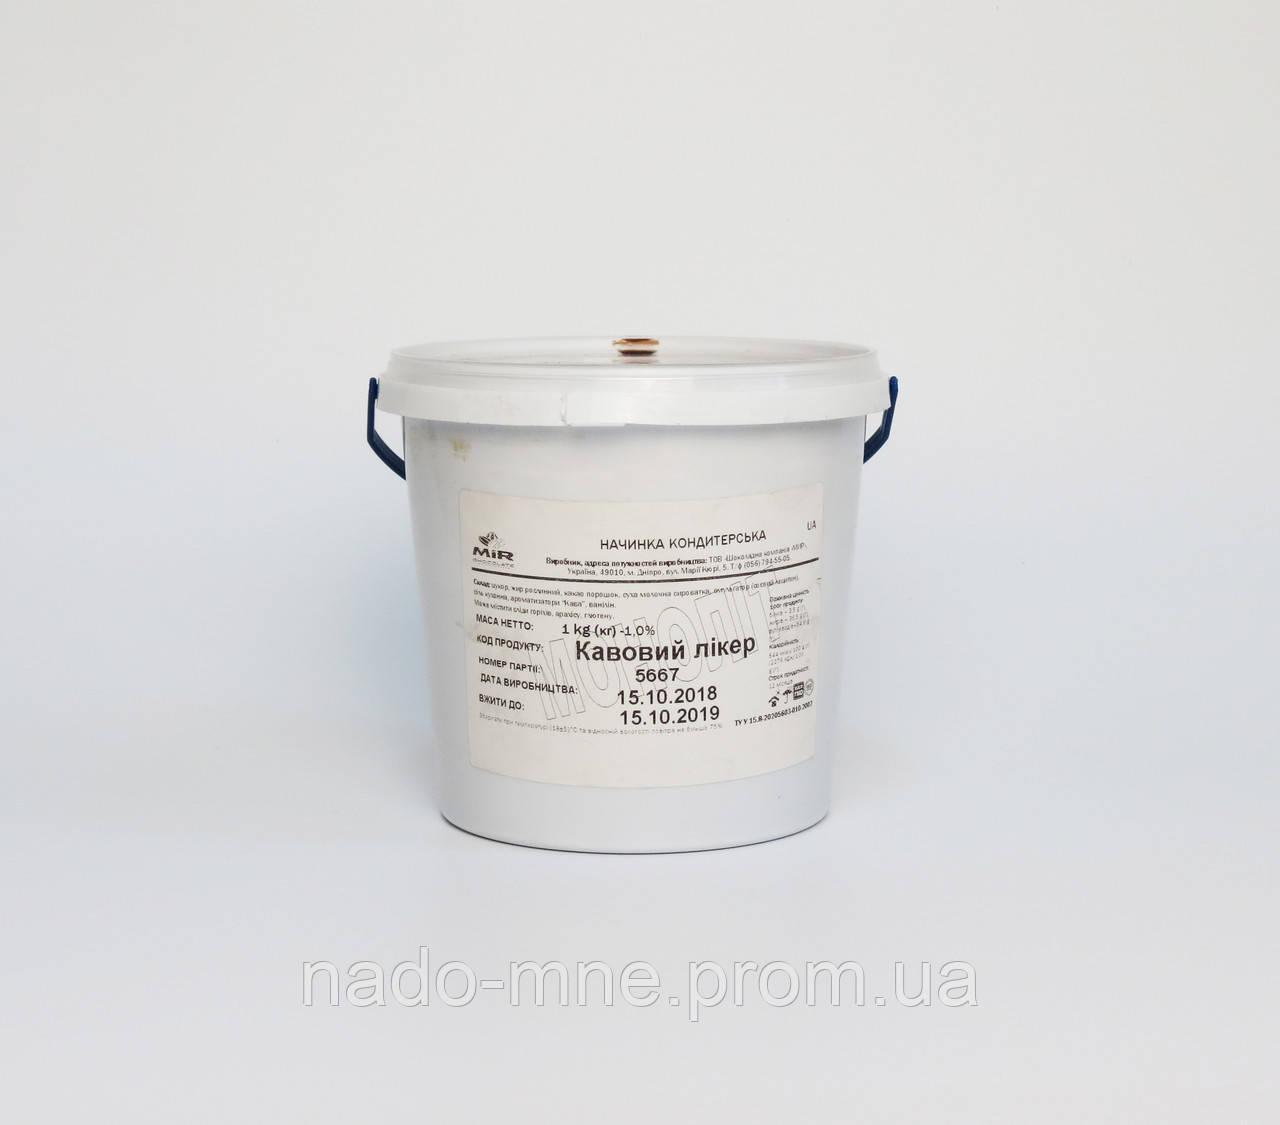 Начинка Кофейный ликер, Мир, Украина, 1 кг